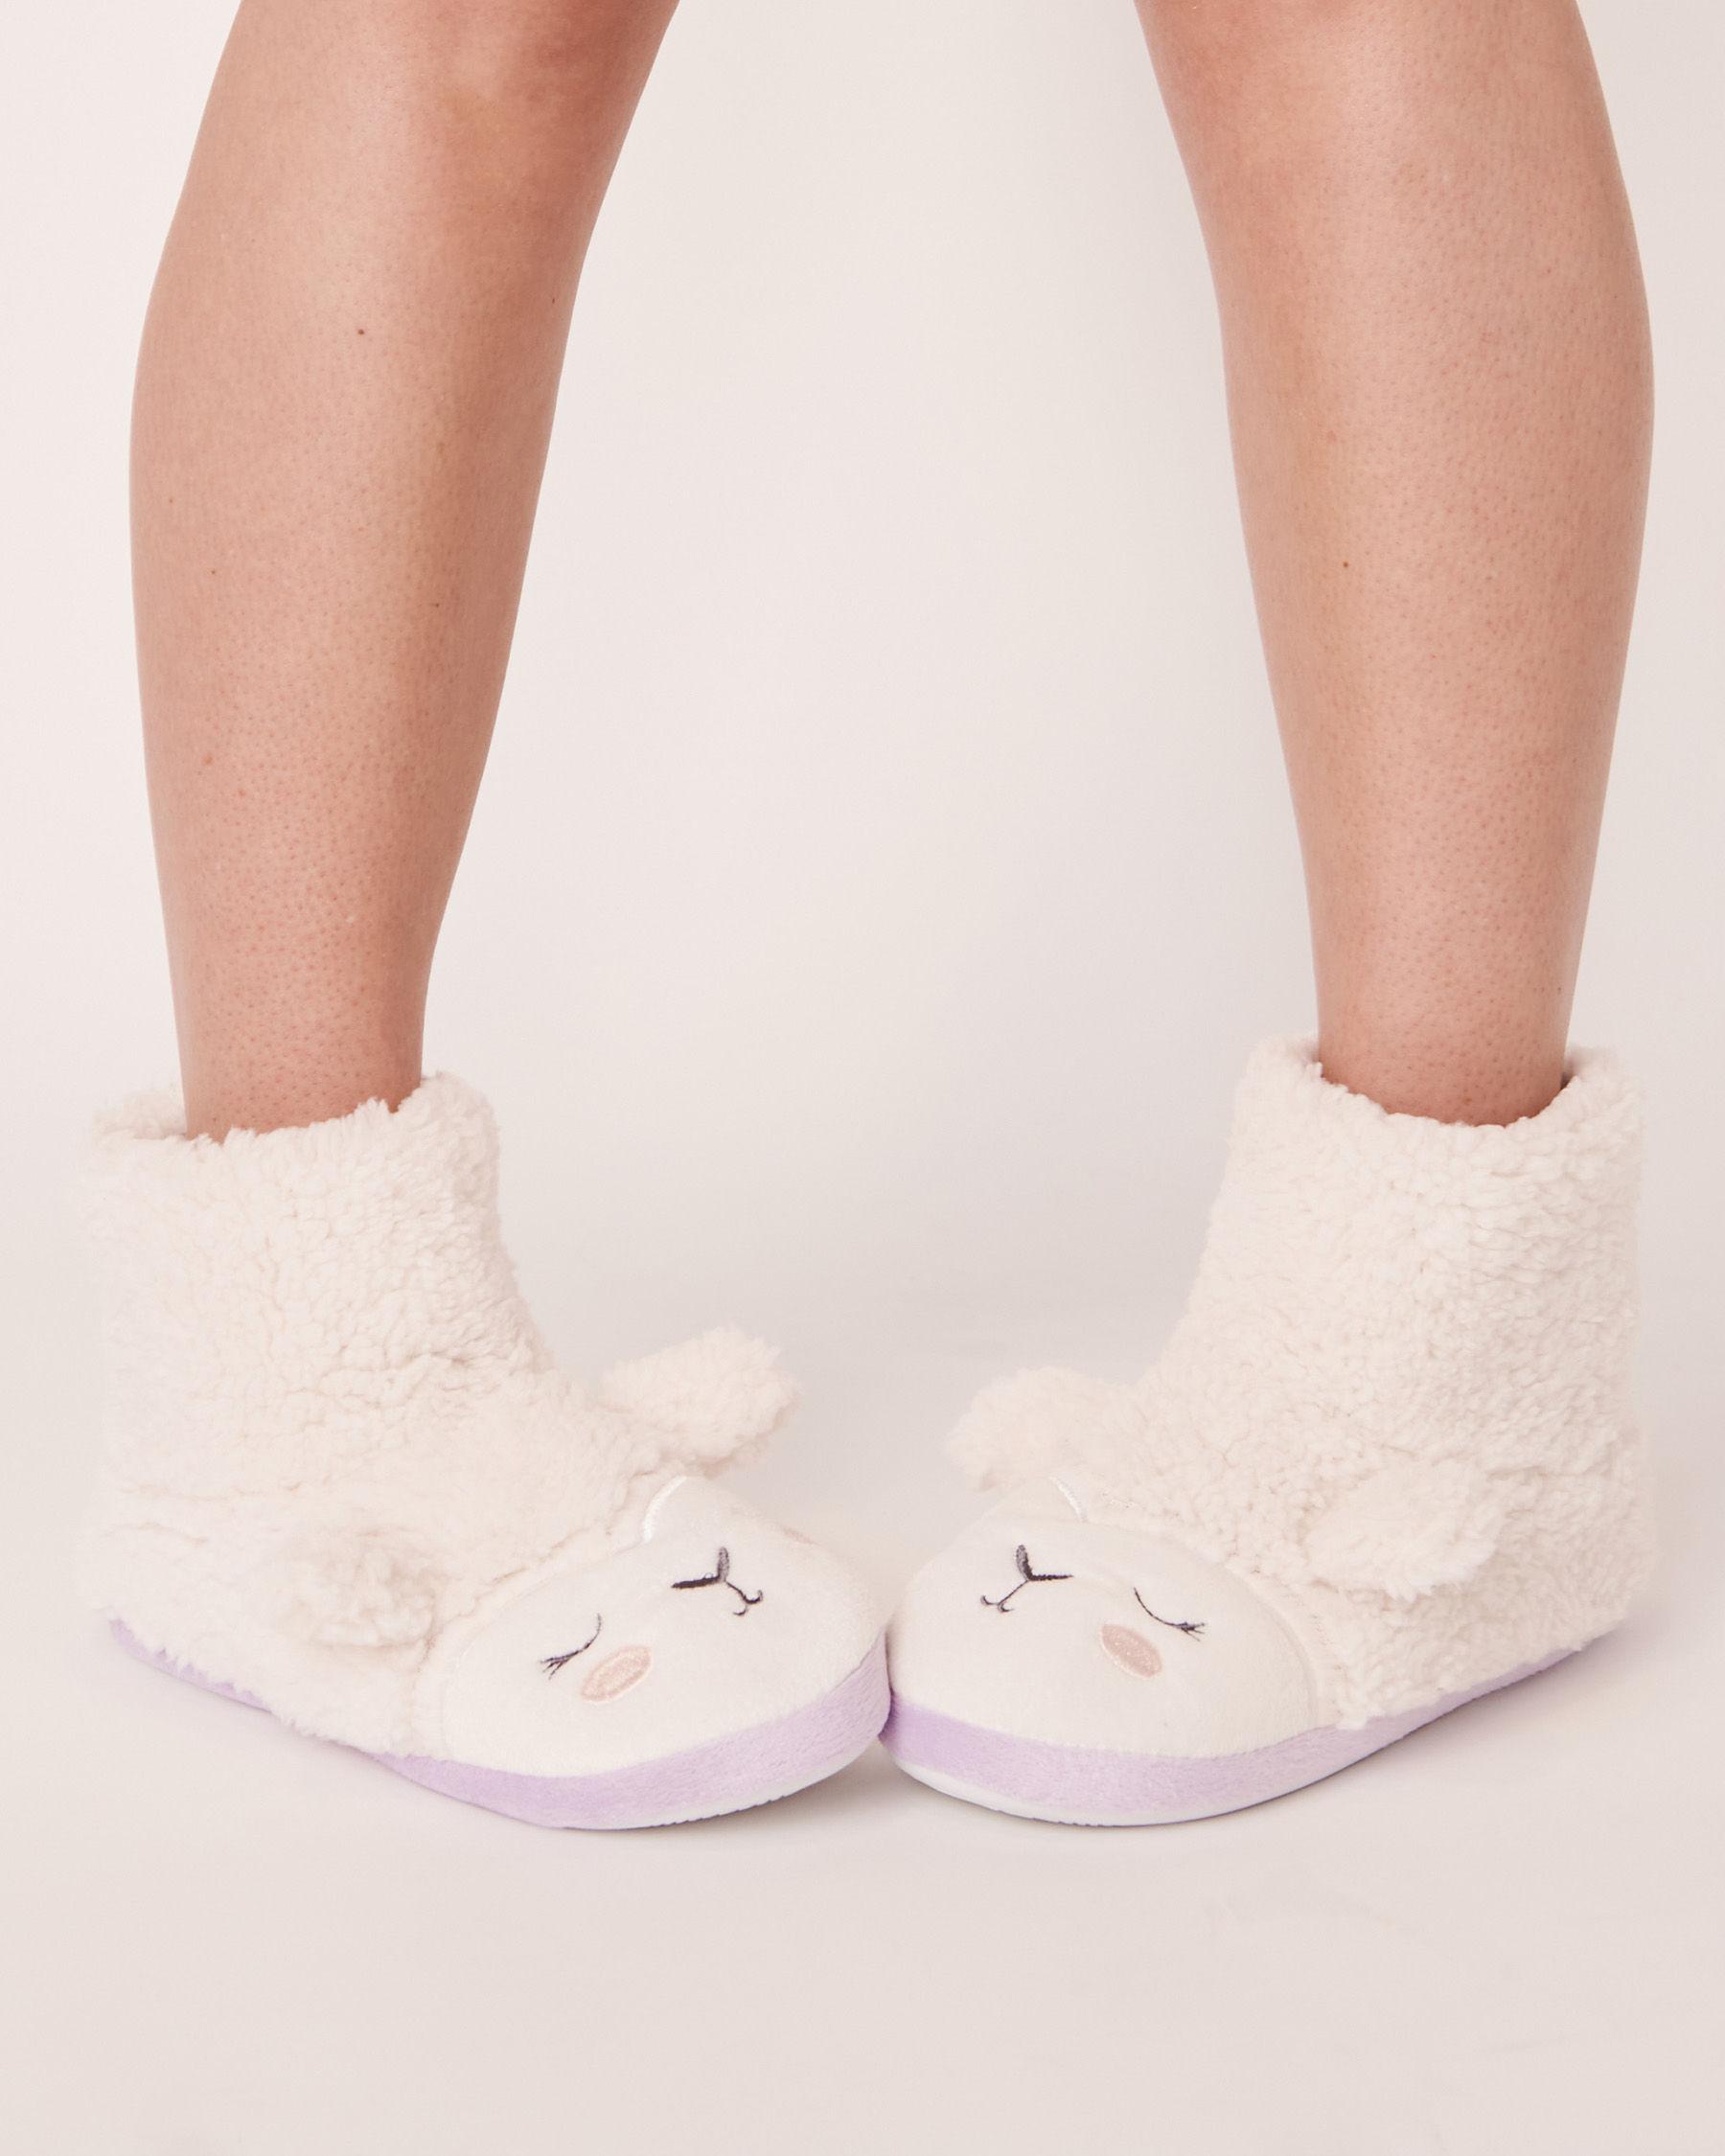 LA VIE EN ROSE Pantoufles bottillons mouton Blanc 40700068 - Voir1